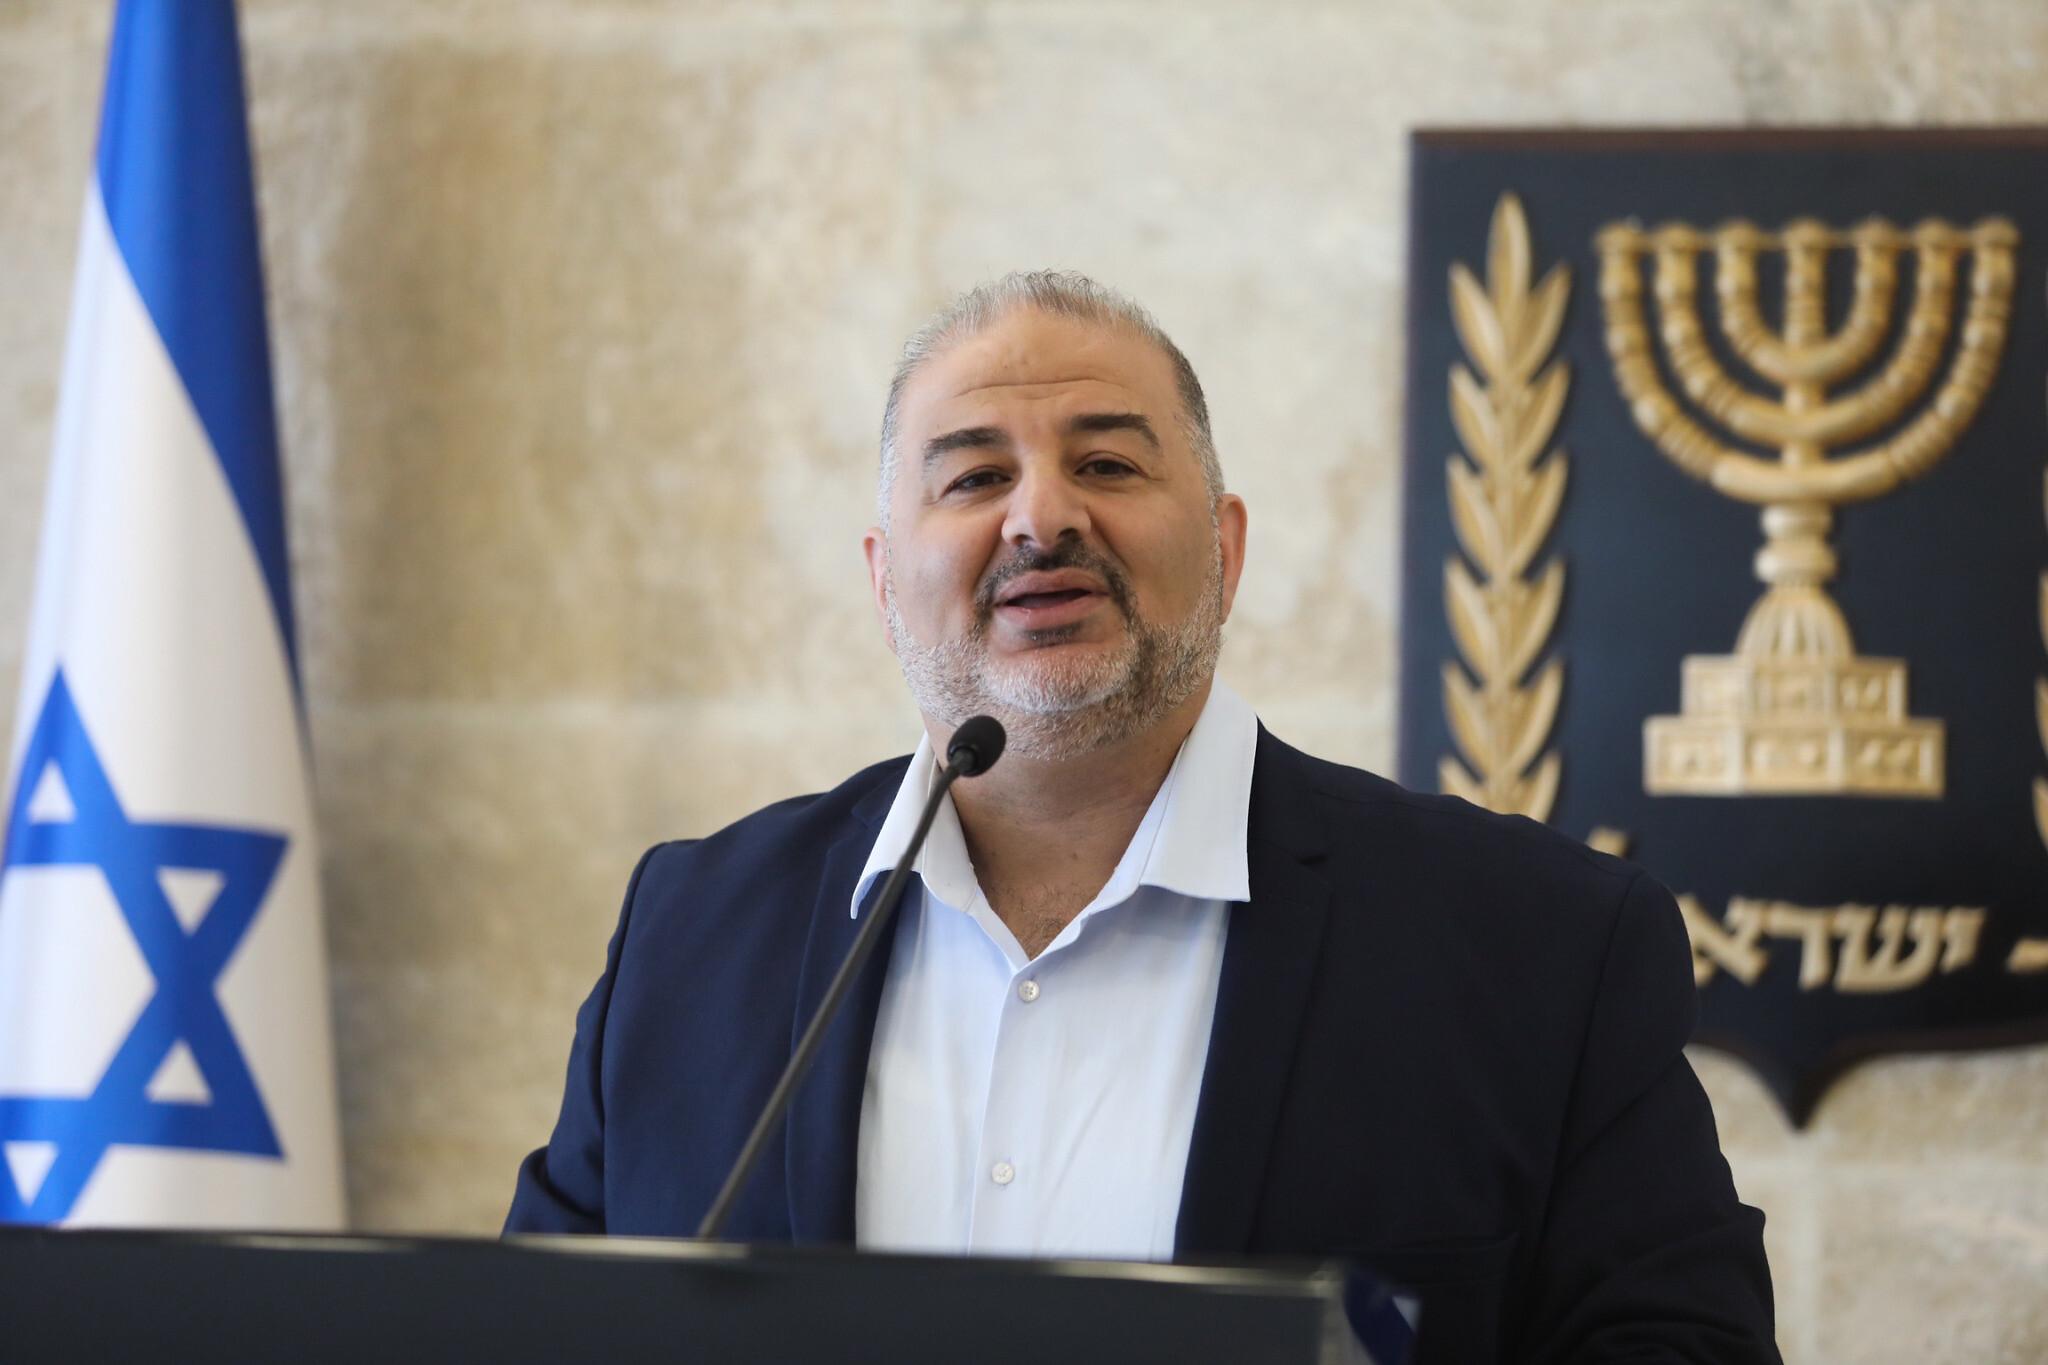 حكومة لبيد – بينت .. الصمود والتداعيات على القضية الفلسطينية